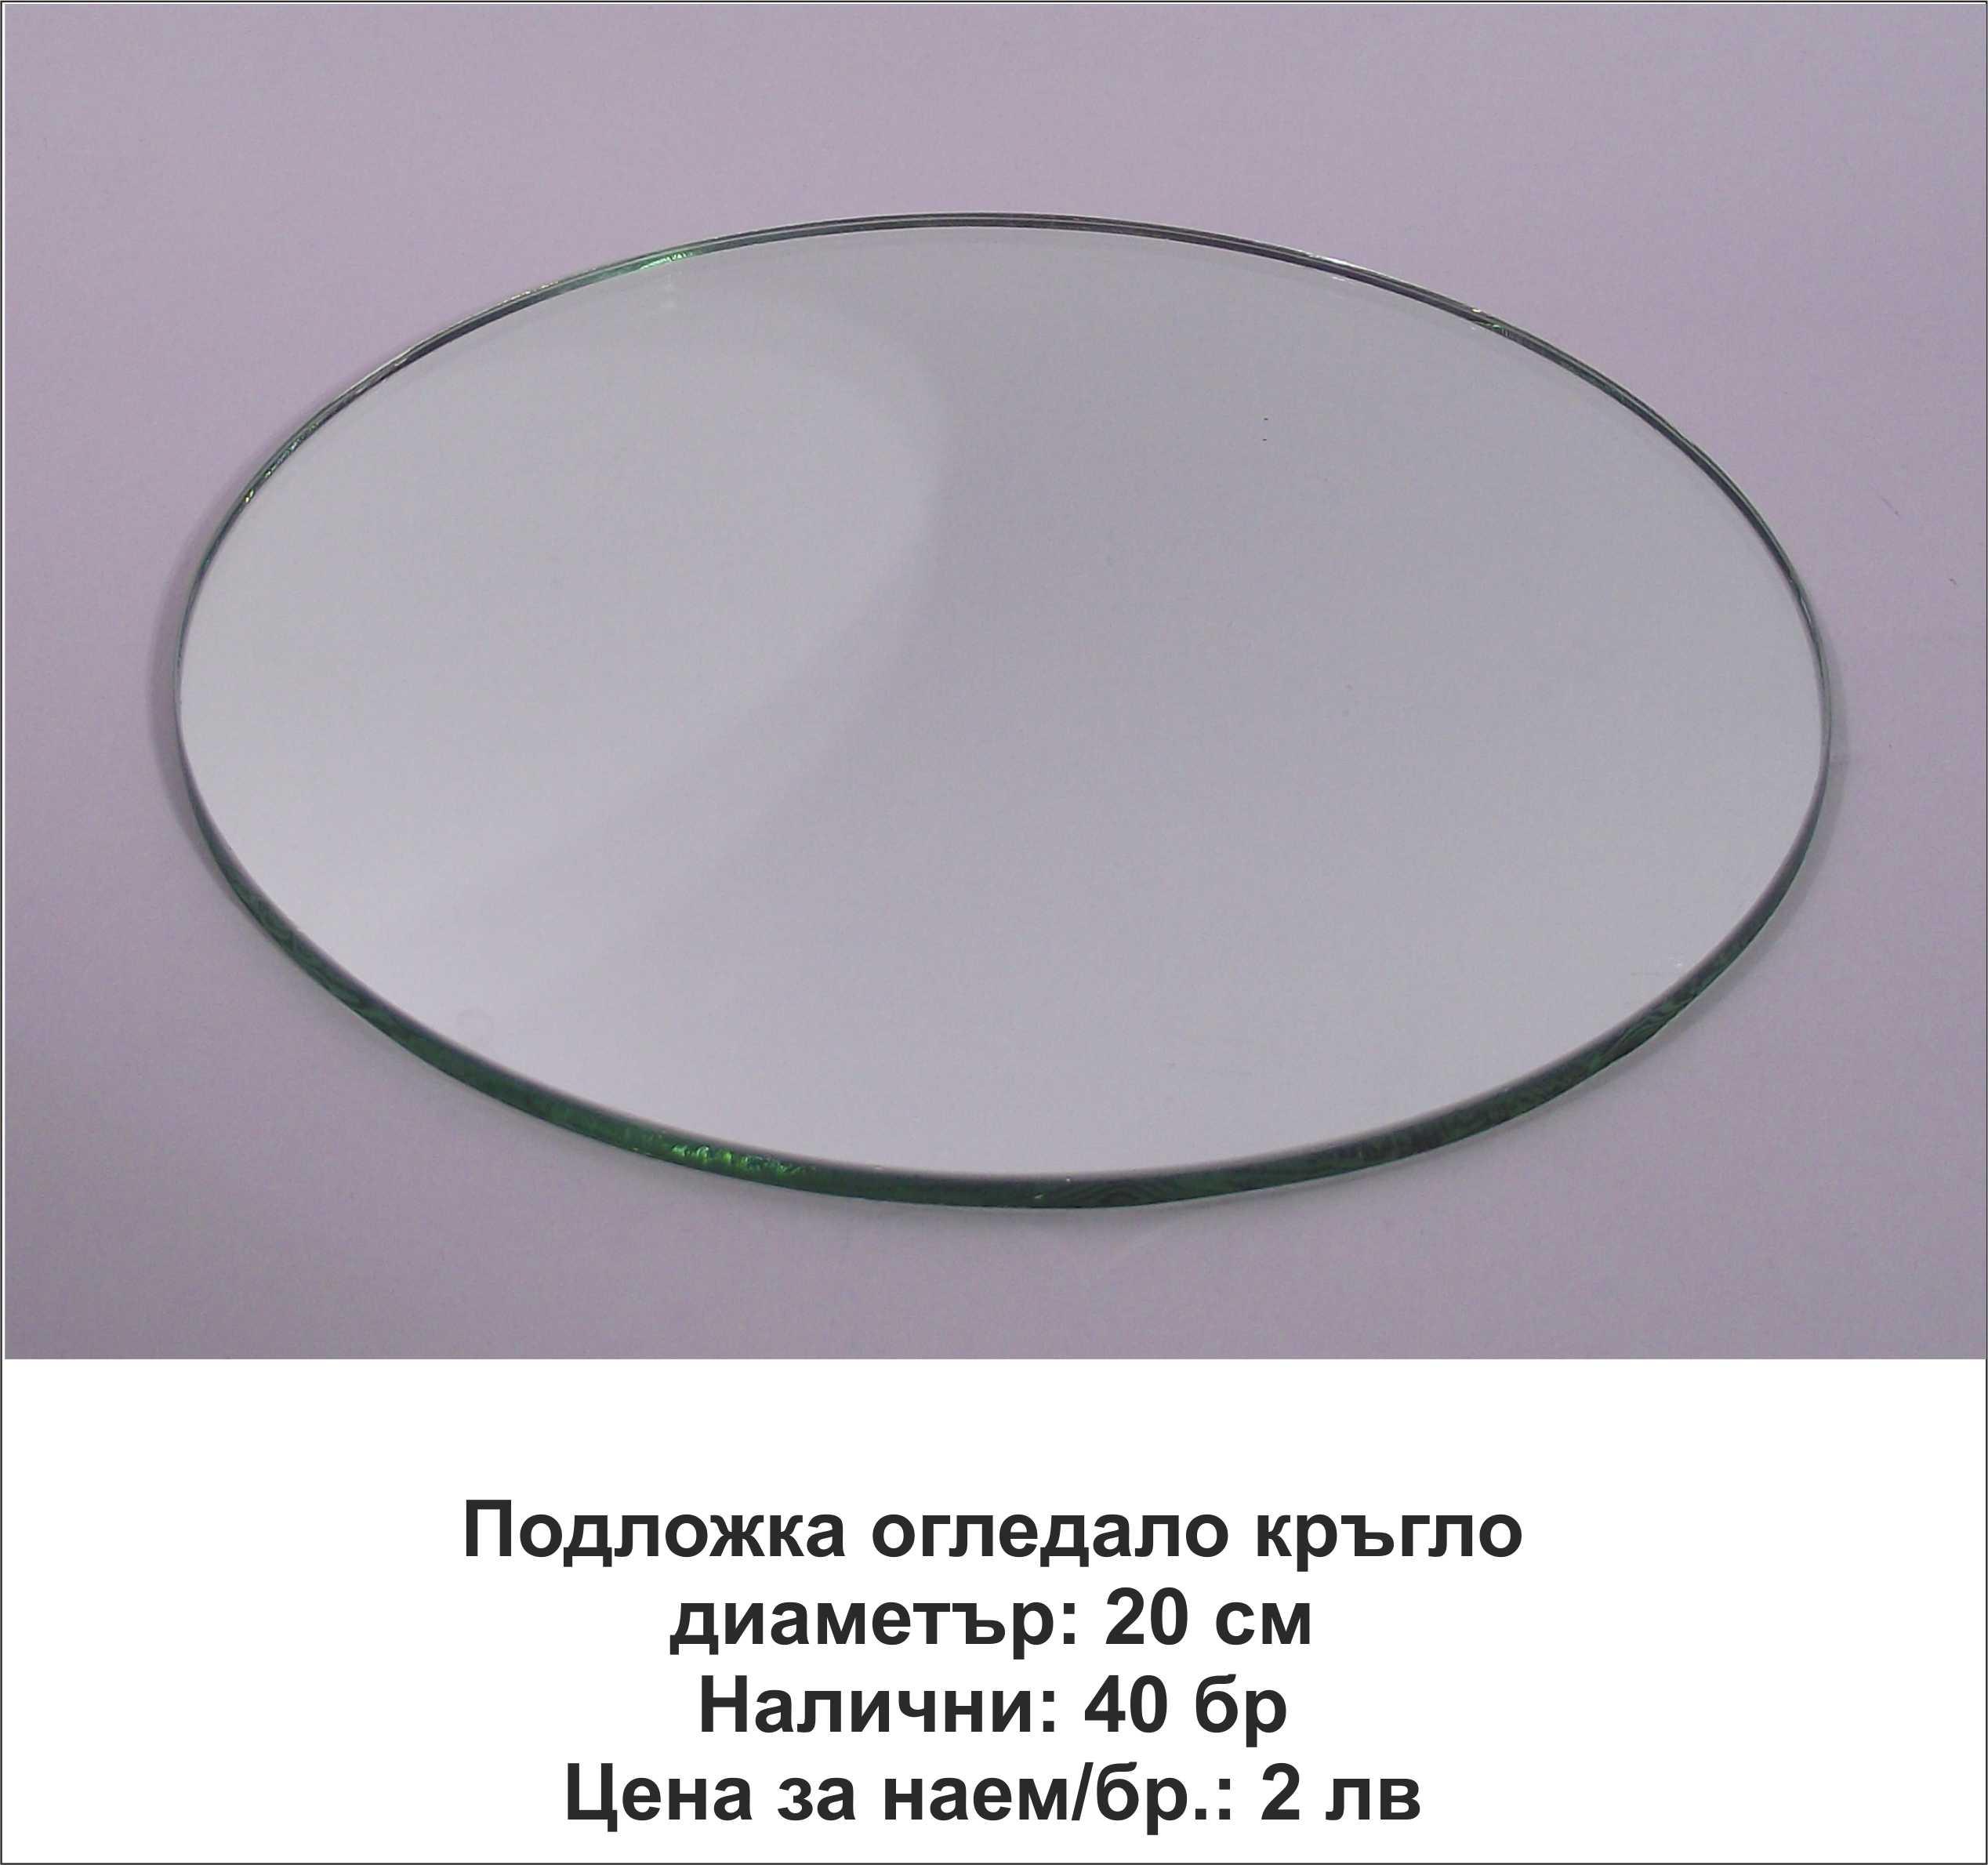 Подложка огледало кръгло. Диаметър: 20 см. Цена за наем: 2 лв